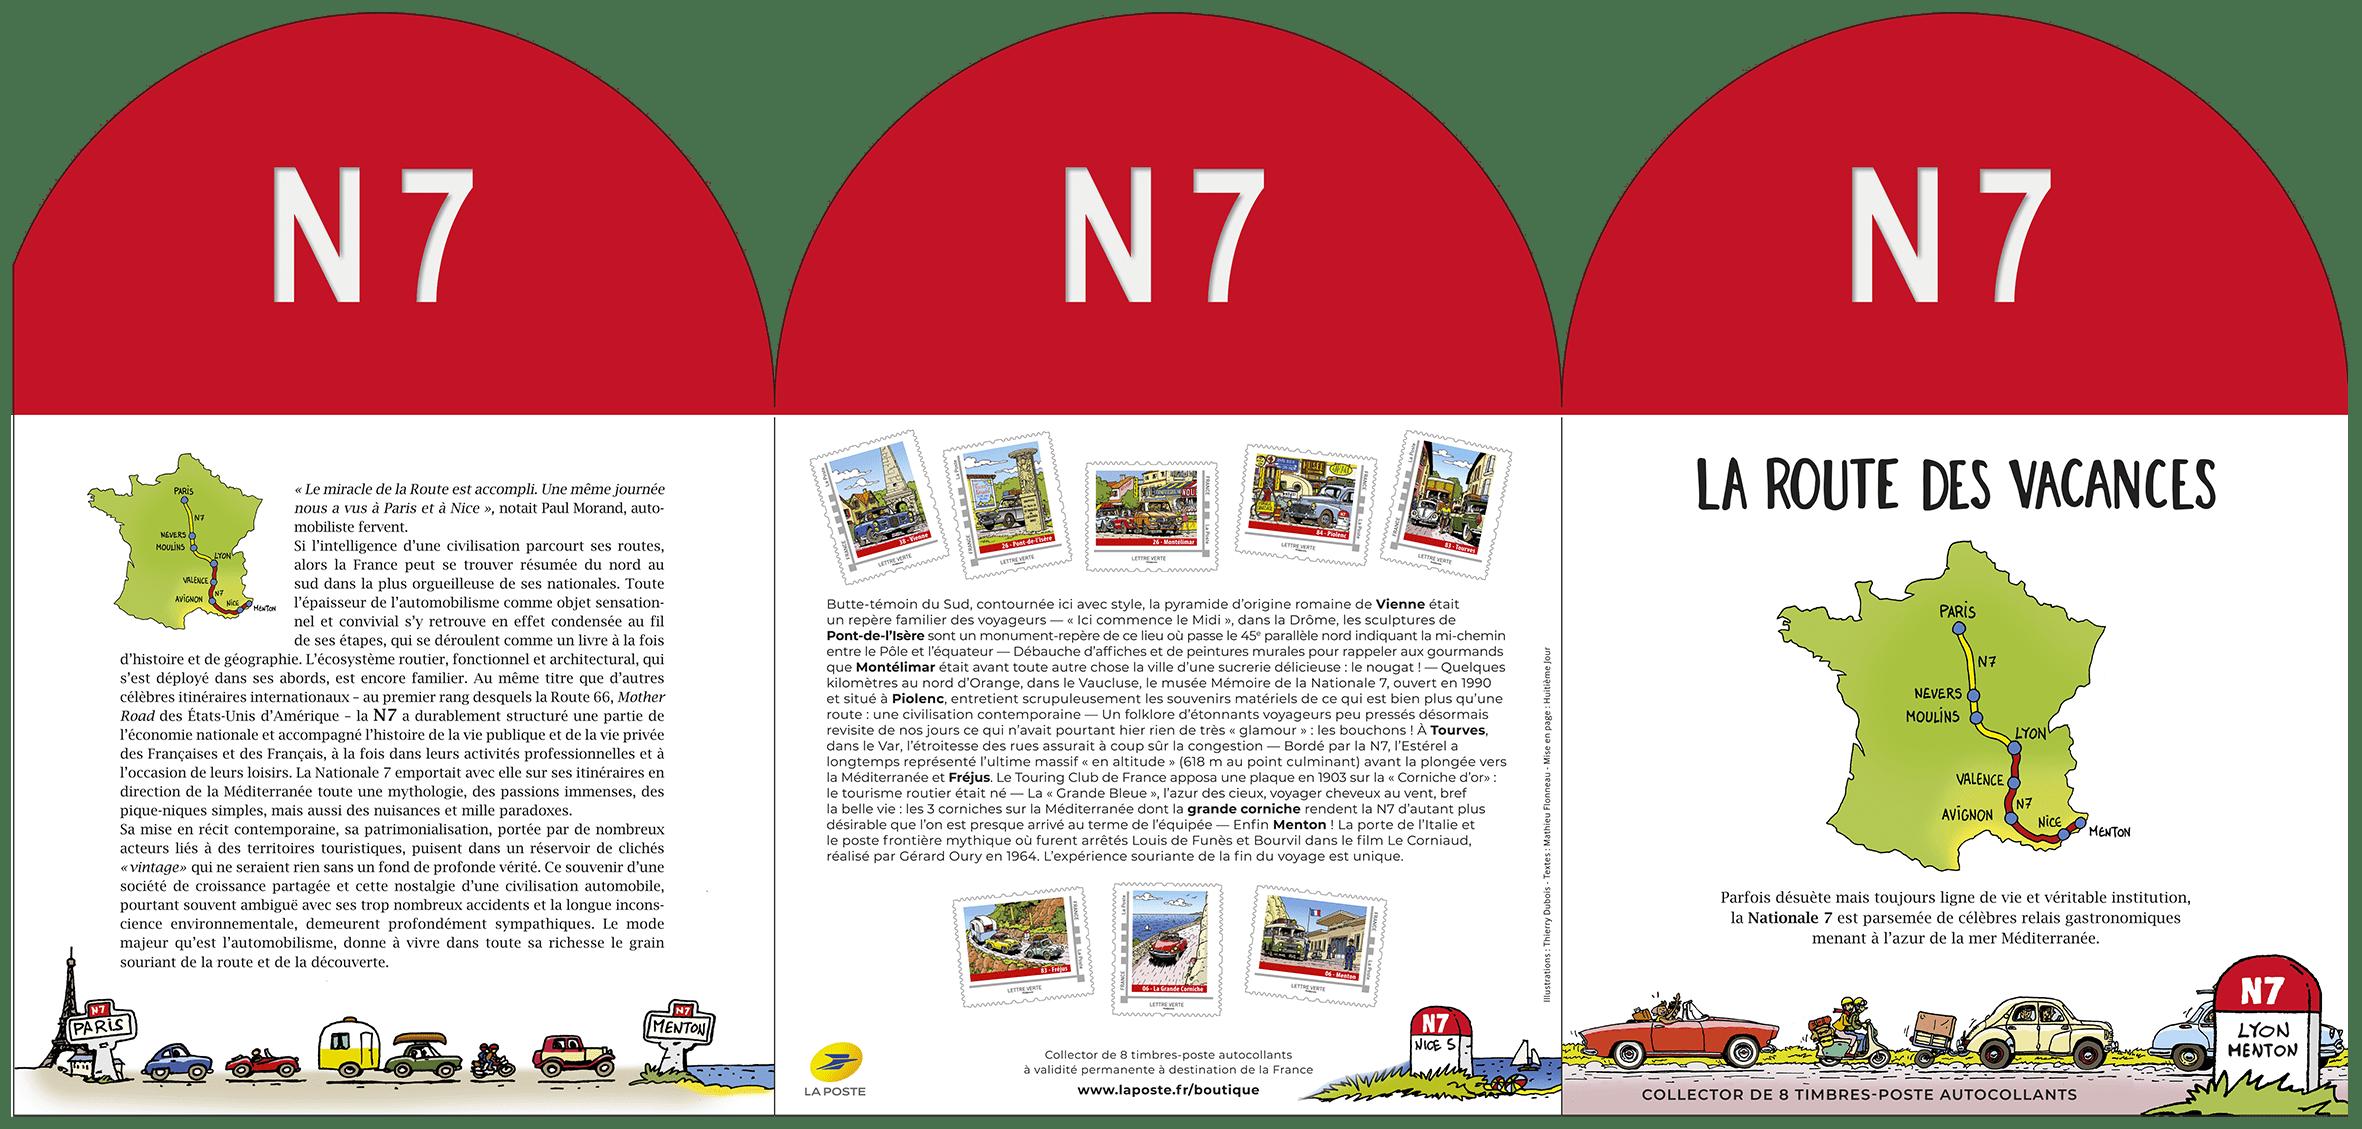 Collectors N7 La route des vacances